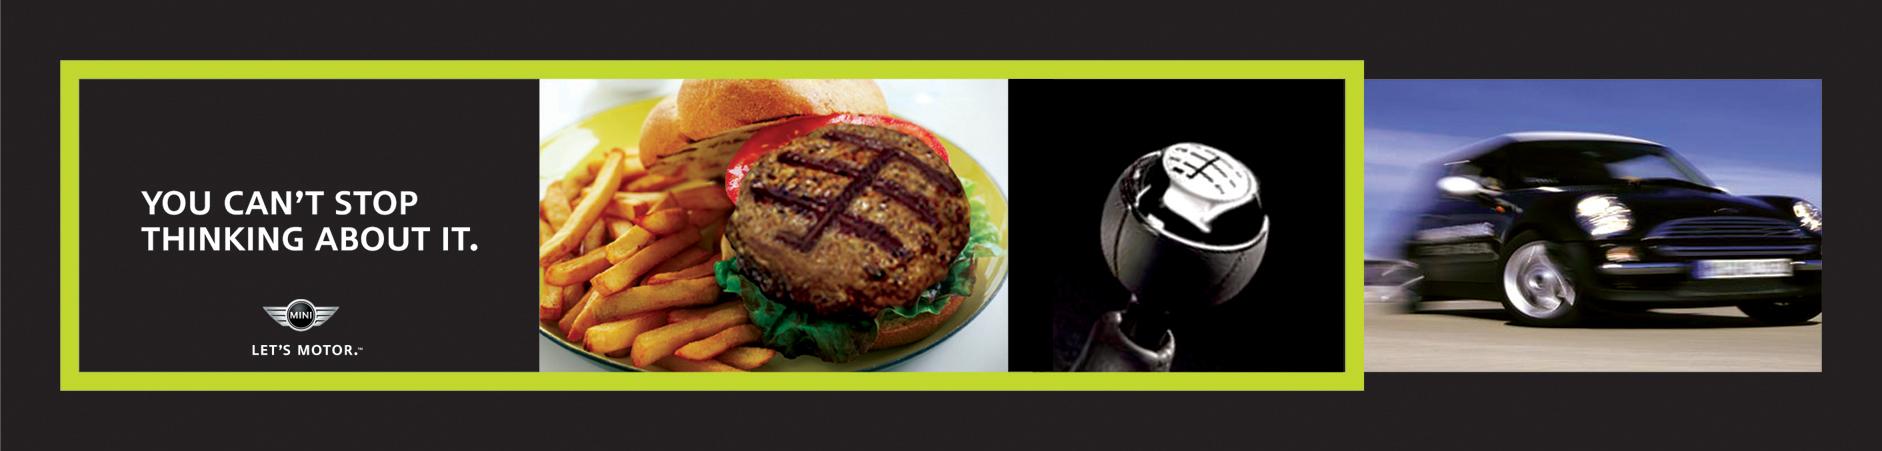 MINI_Burger_4.jpg